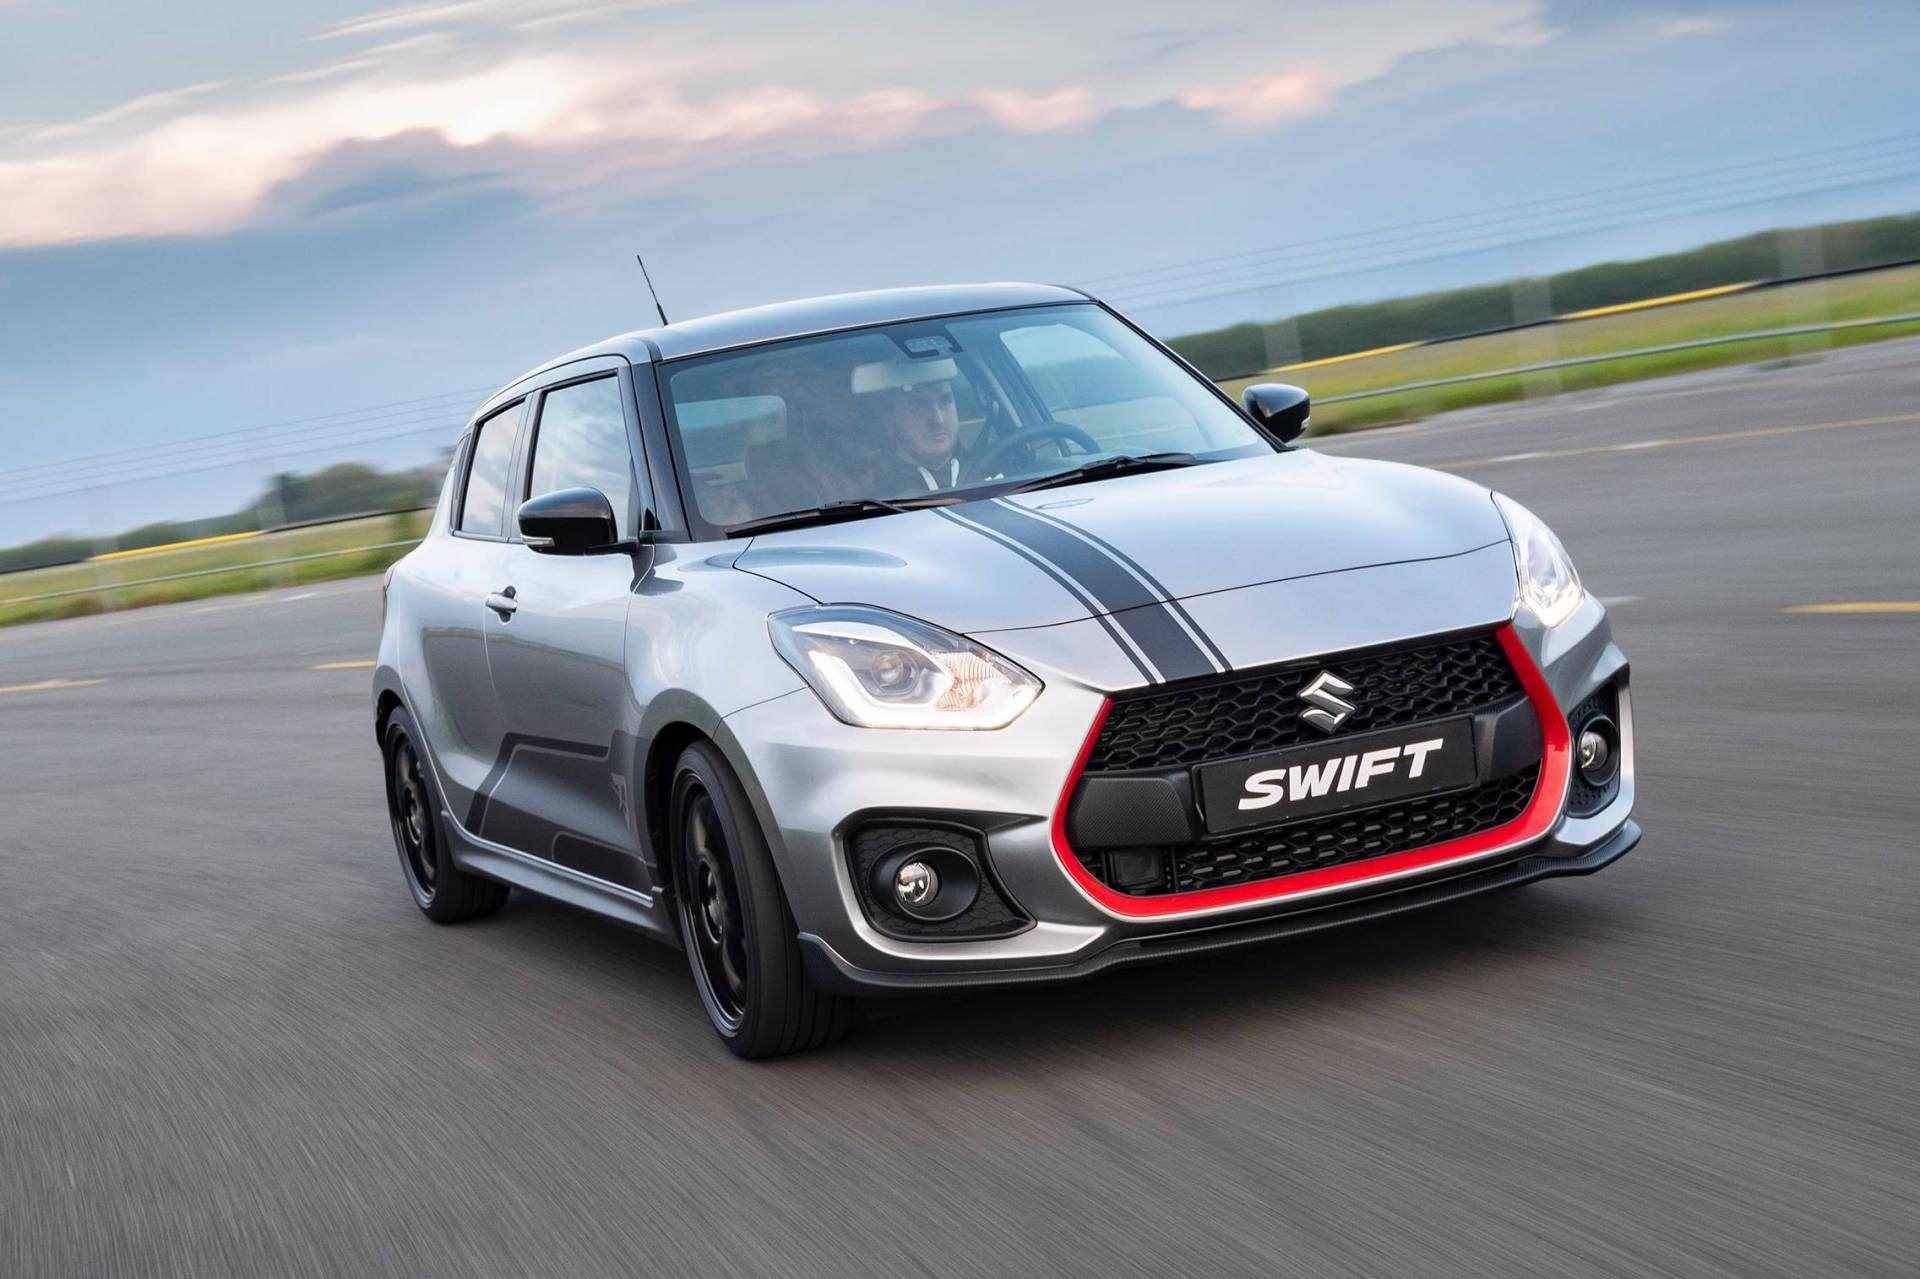 2020 Suzuki Swift Performance In 2020 Suzuki Swift Sport Suzuki Swift Suzuki